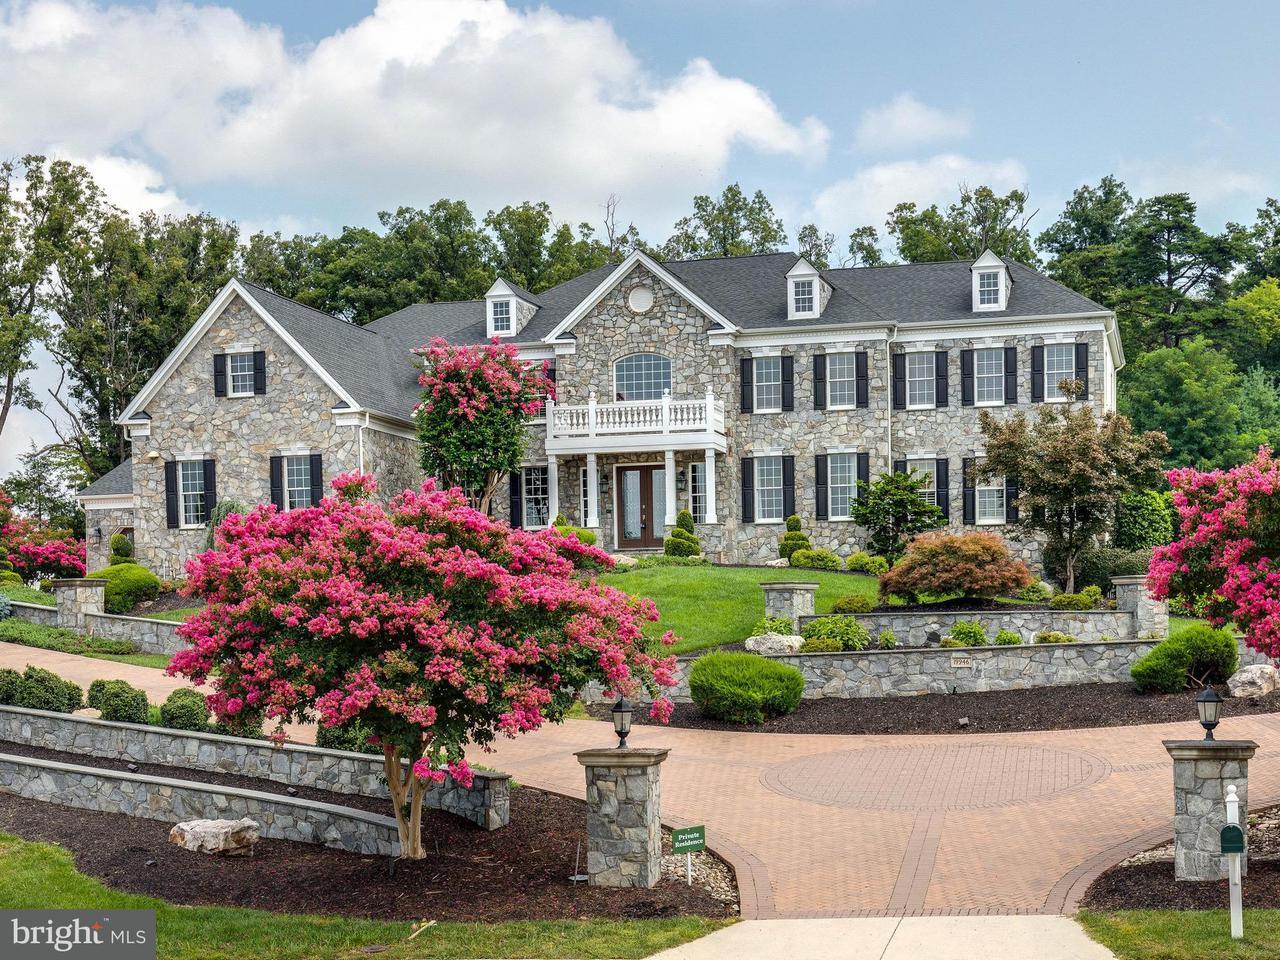 Villa per Vendita alle ore 19946 BELMONT STATION Drive 19946 BELMONT STATION Drive Ashburn, Virginia 20147 Stati Uniti